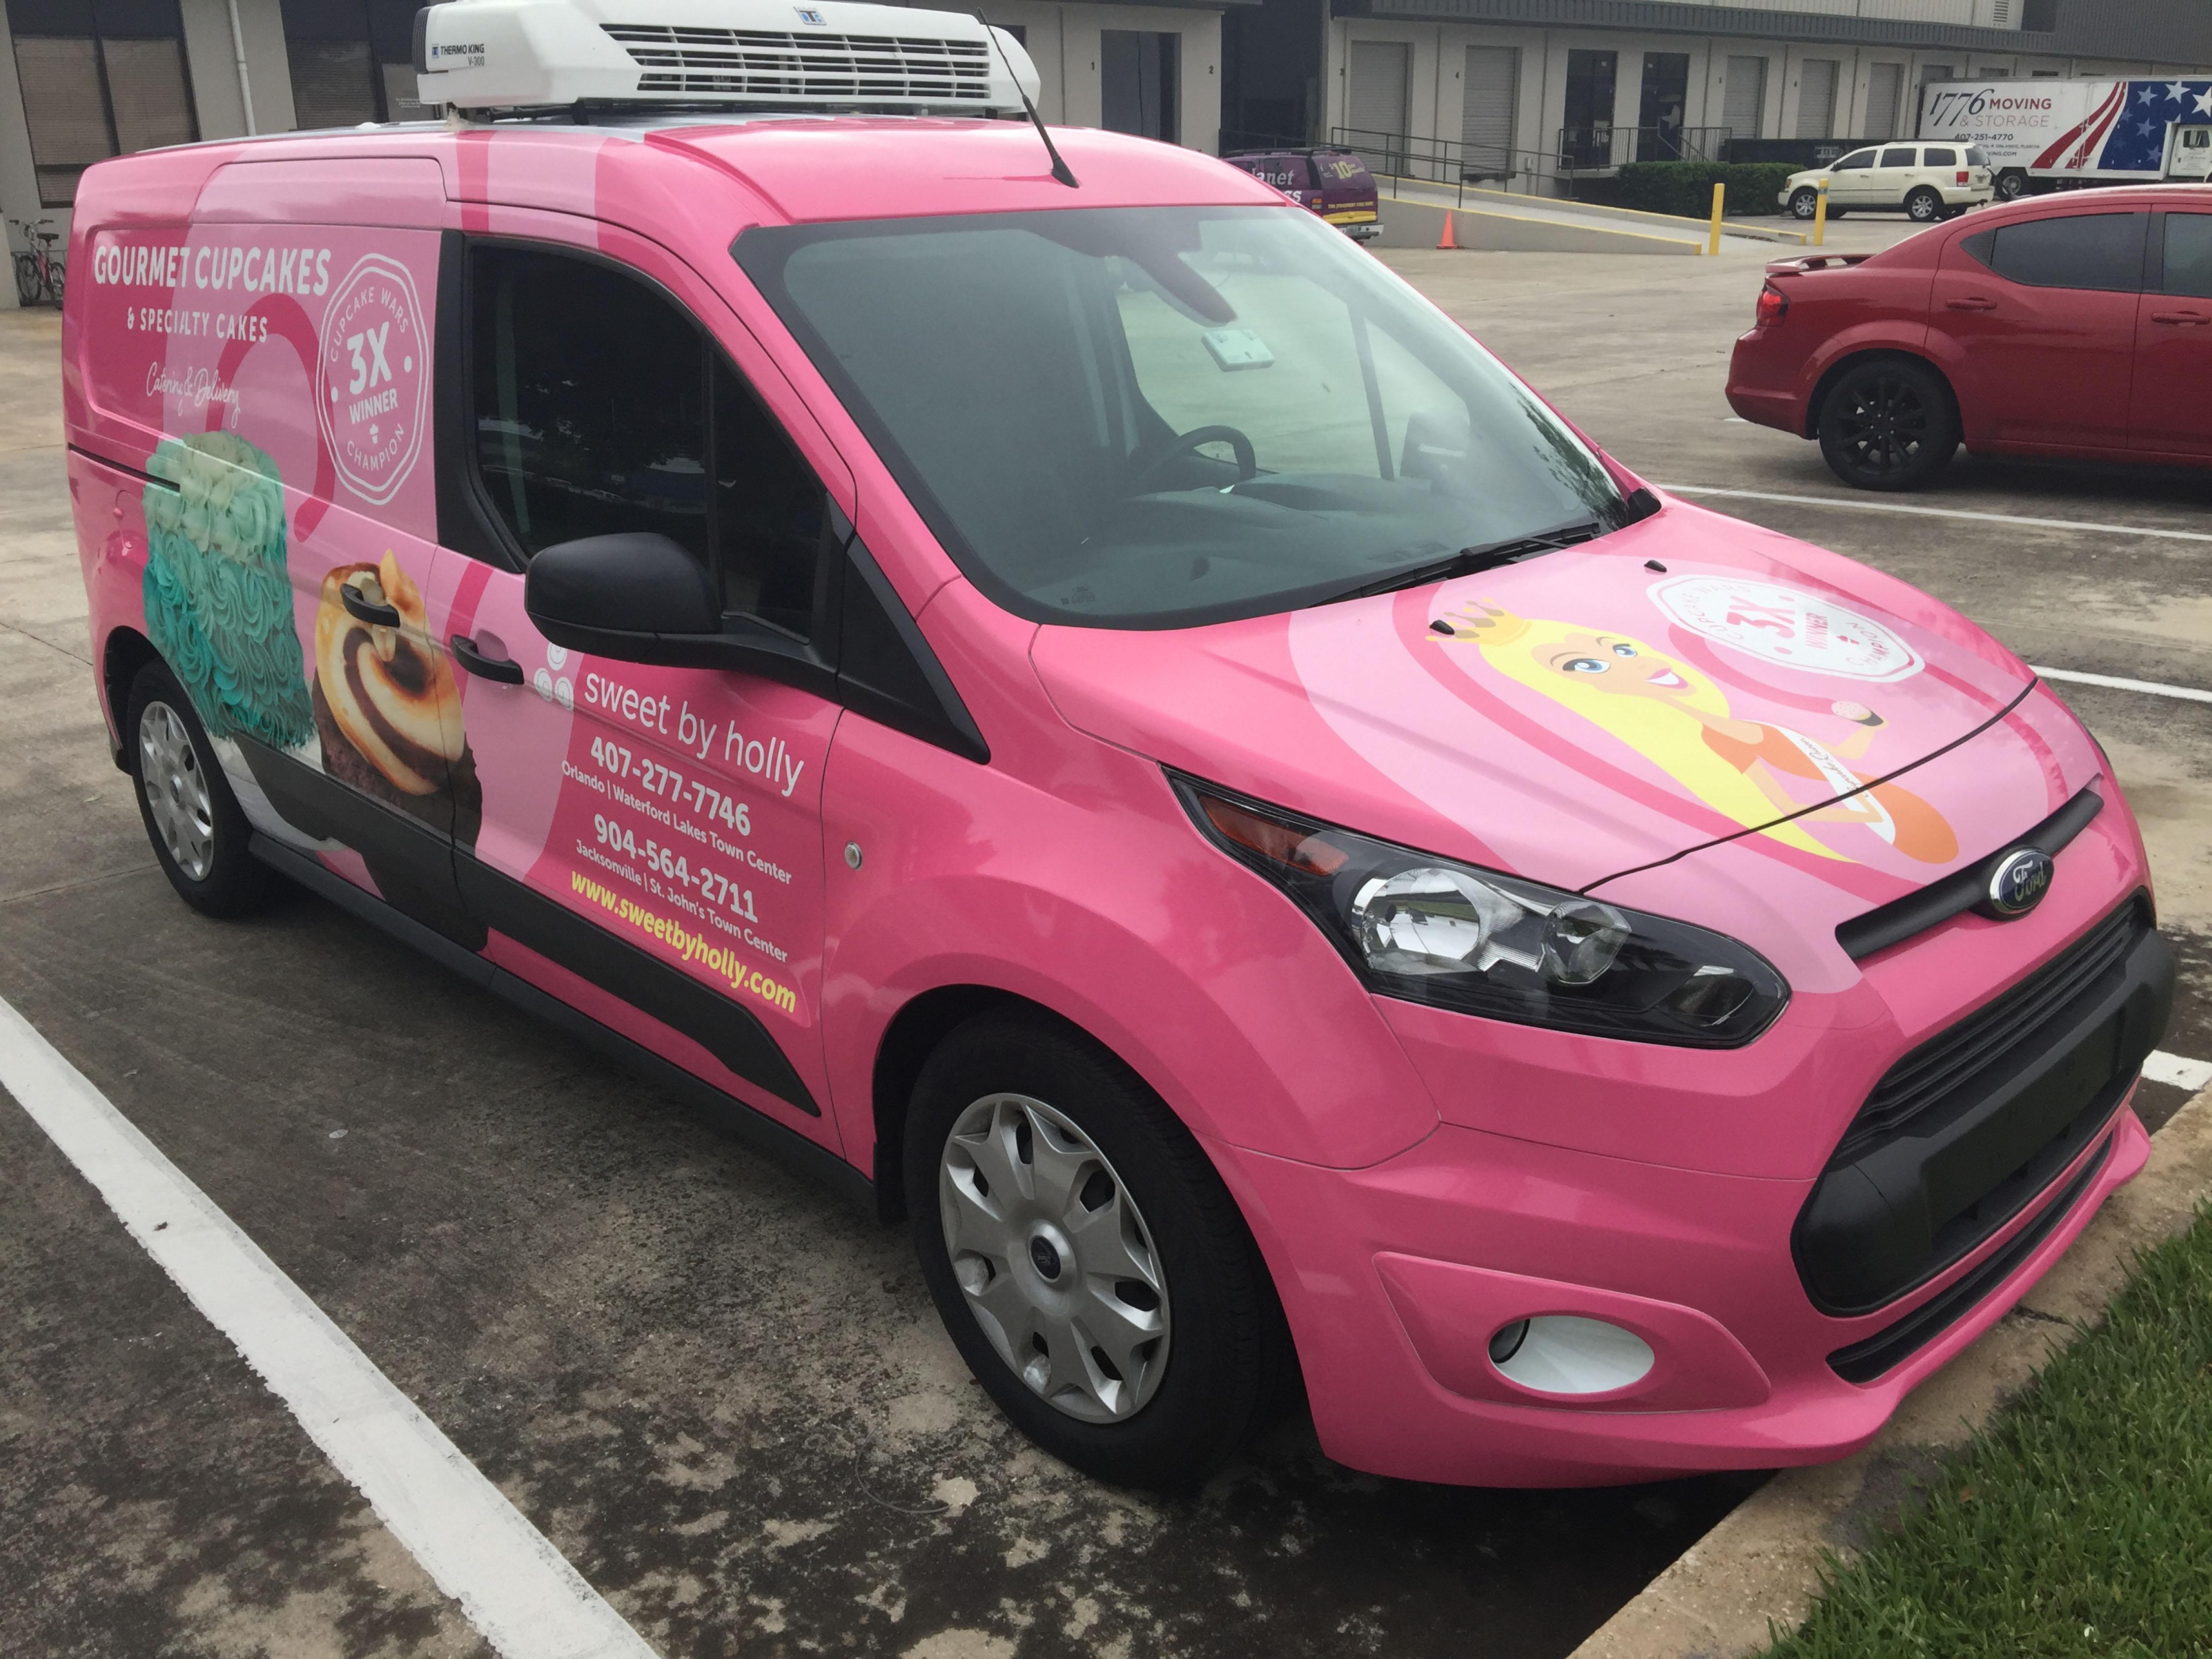 Sponsorship marketing used on van for gourmet cupcakes